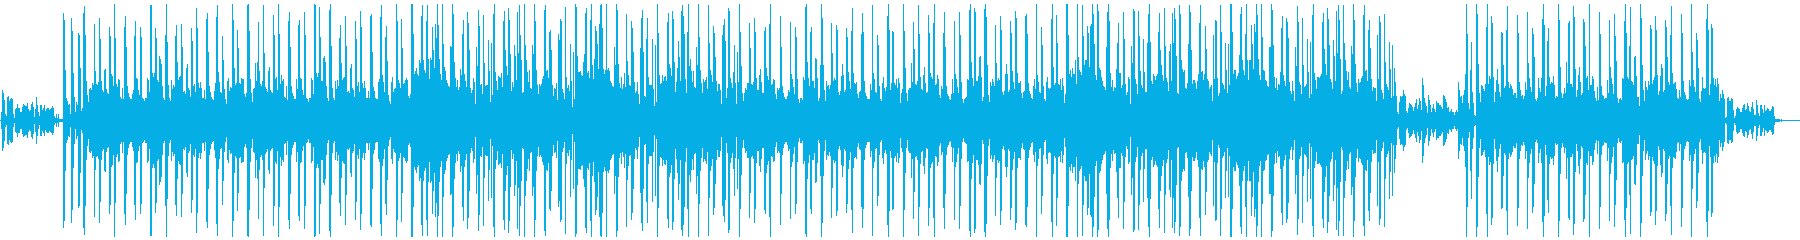 切なく哀愁のあるジプシージャズの再生済みの波形